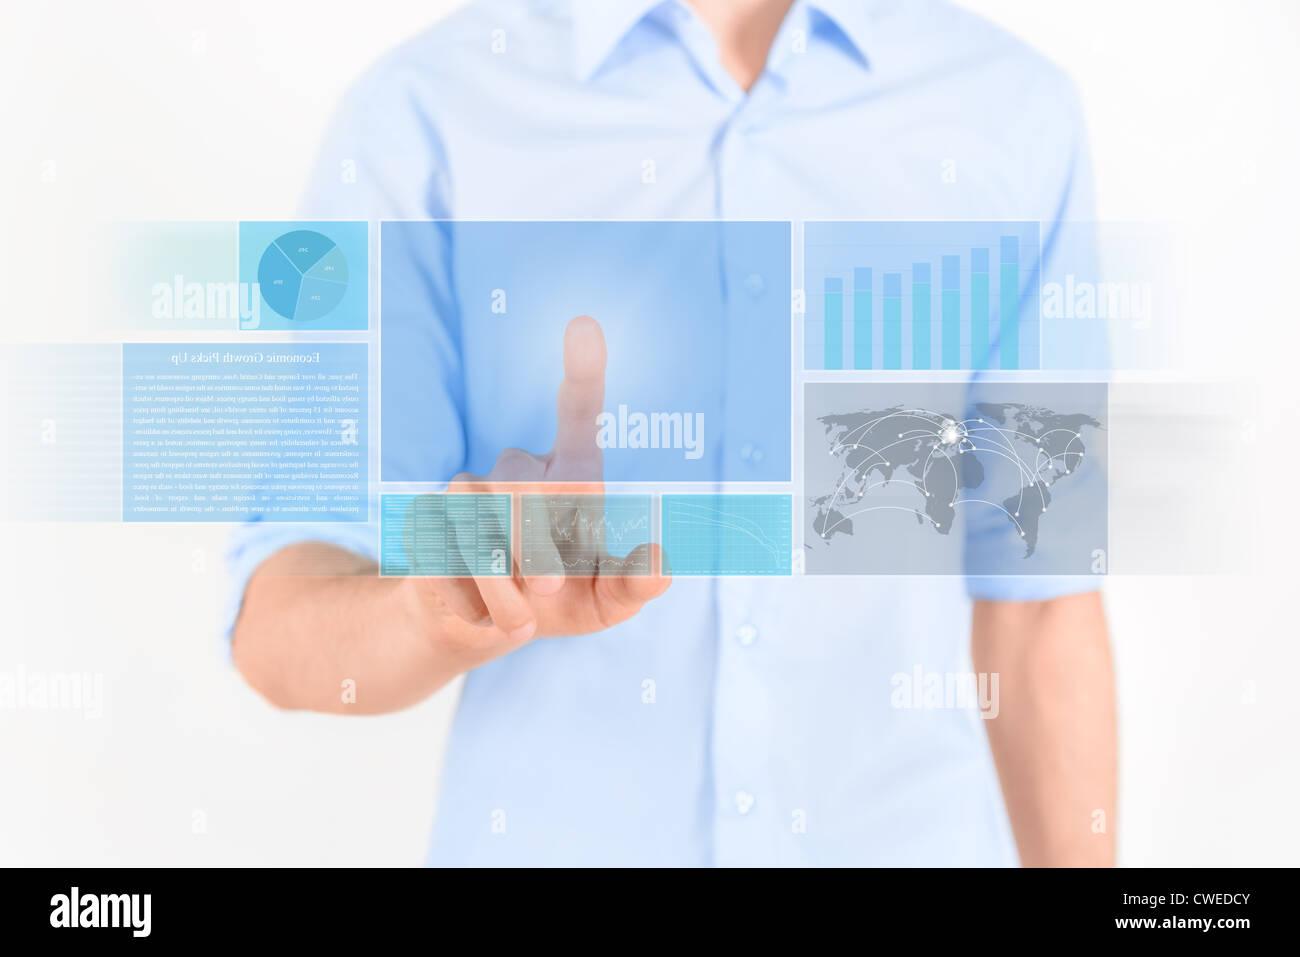 Hombre que toca interfaz táctil futurista con algunos gráficos, gráficos y noticias. Aislado en blanco. Imagen De Stock